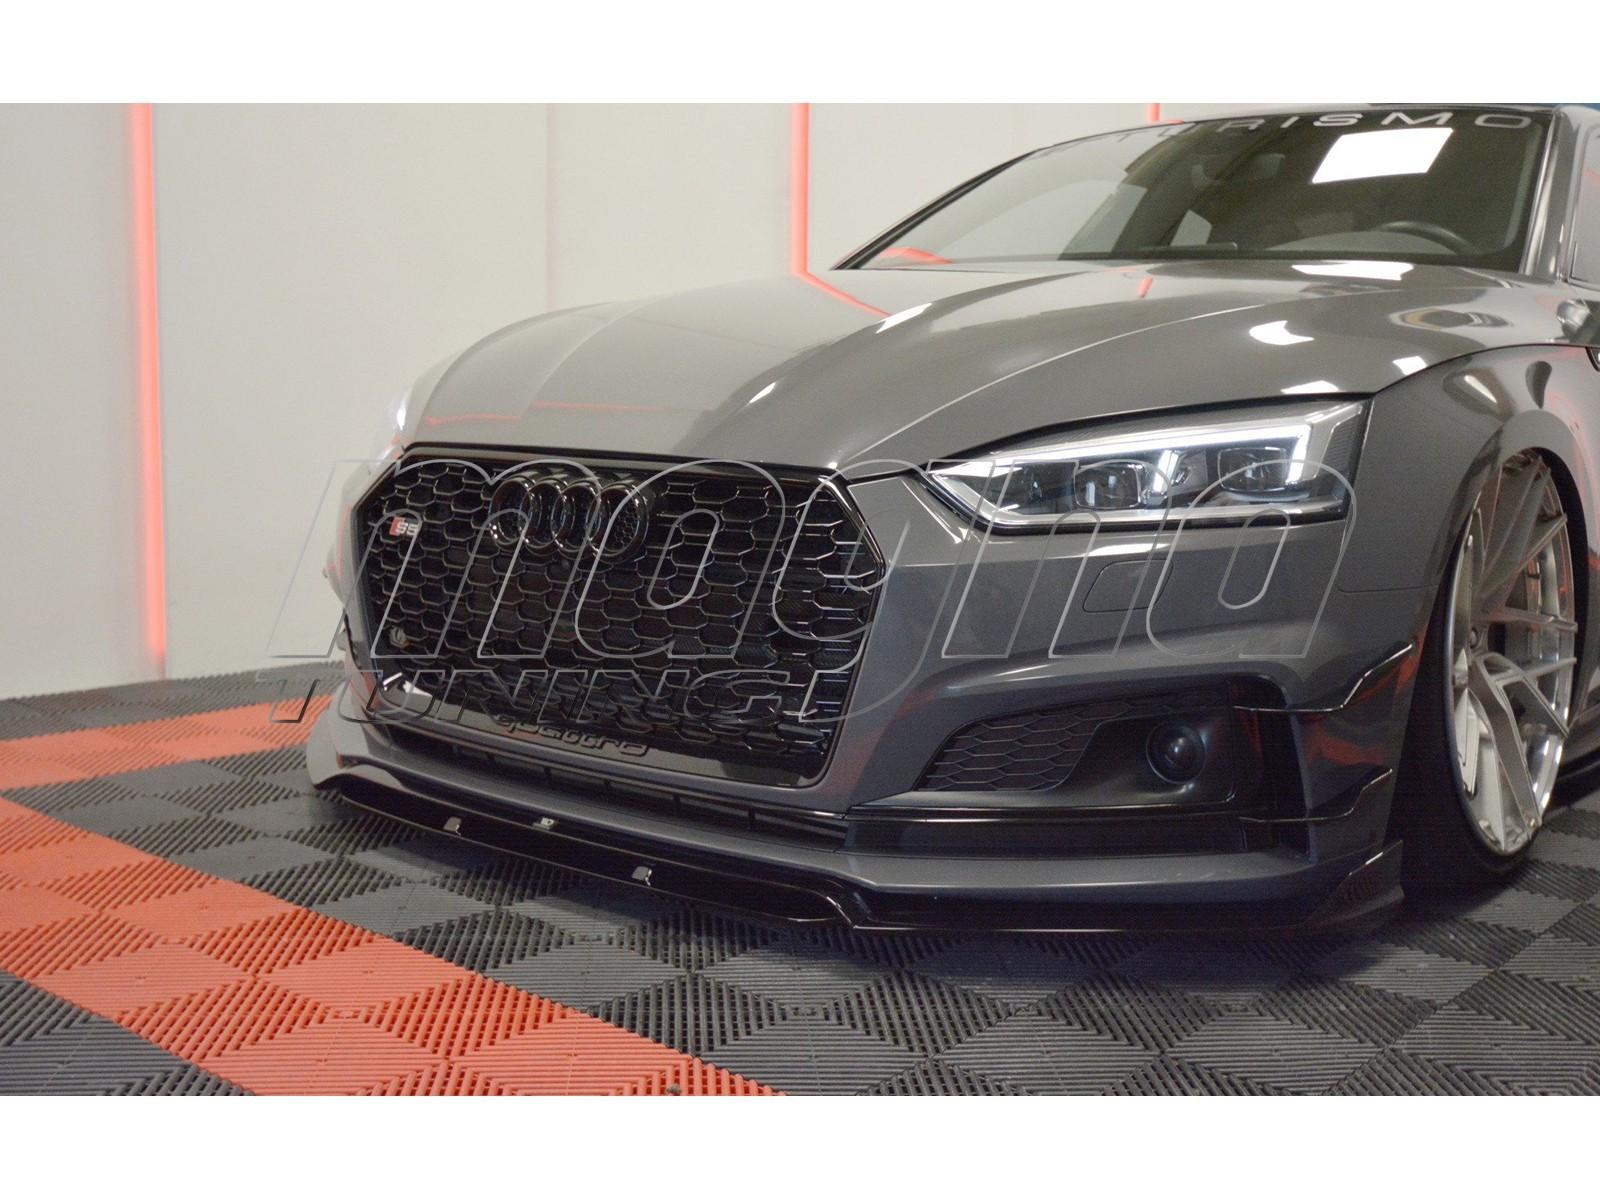 Audi S5 F5 Matrix Front Bumper Extension